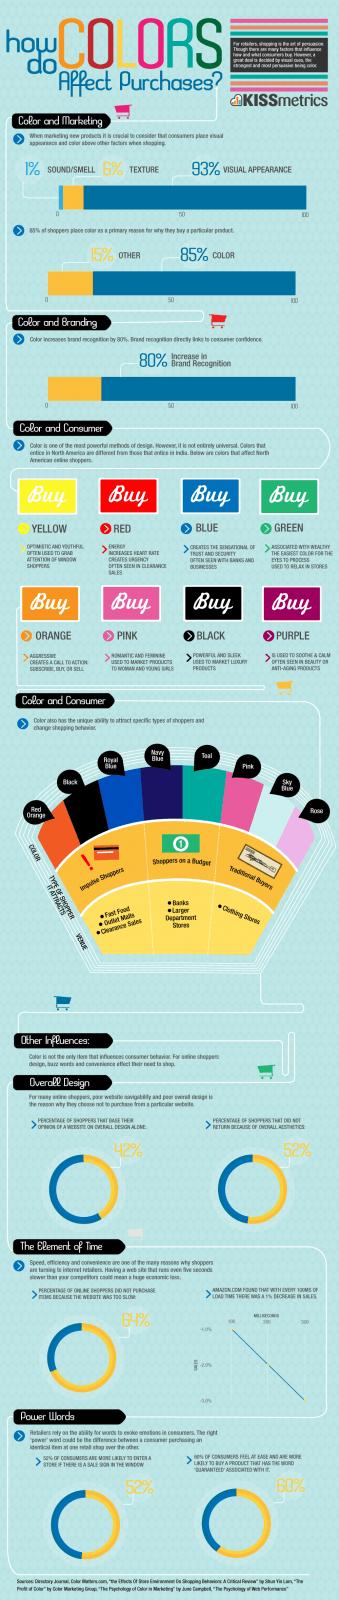 Como as cores podem influenciar uma compra?